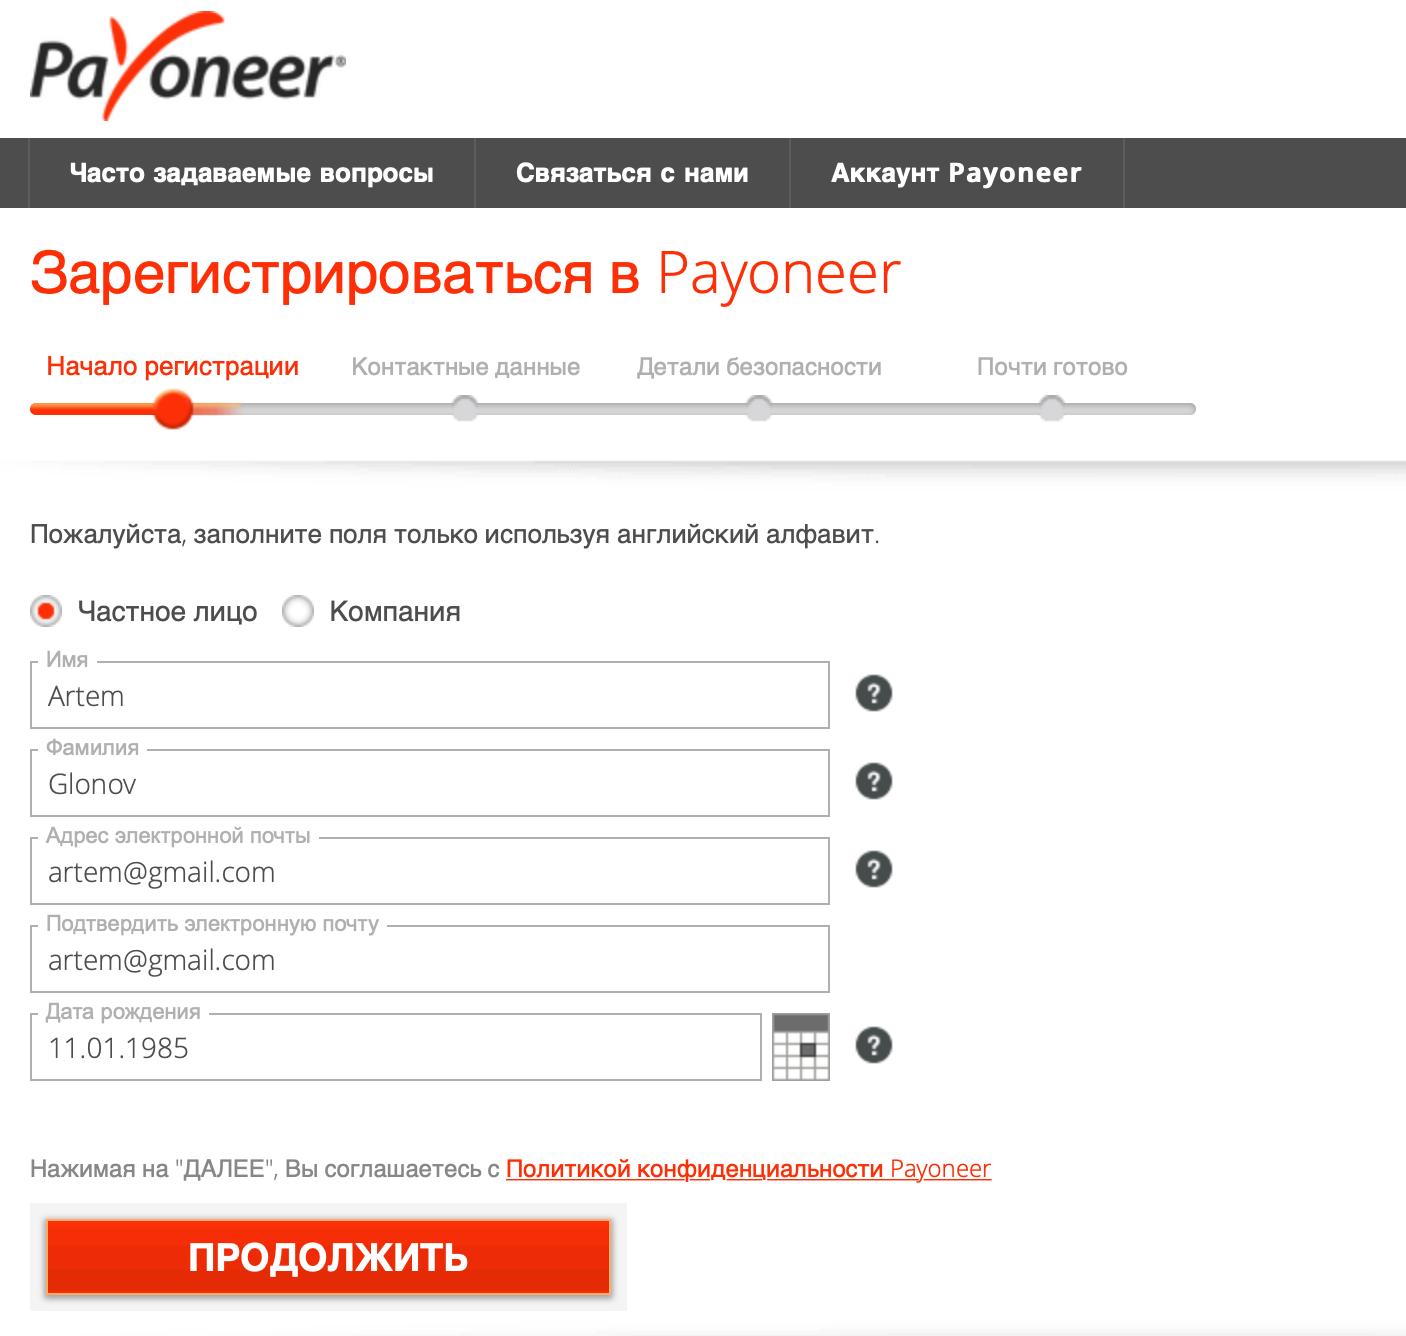 Заполнение реквизитов в аккаунте Payoneer фото